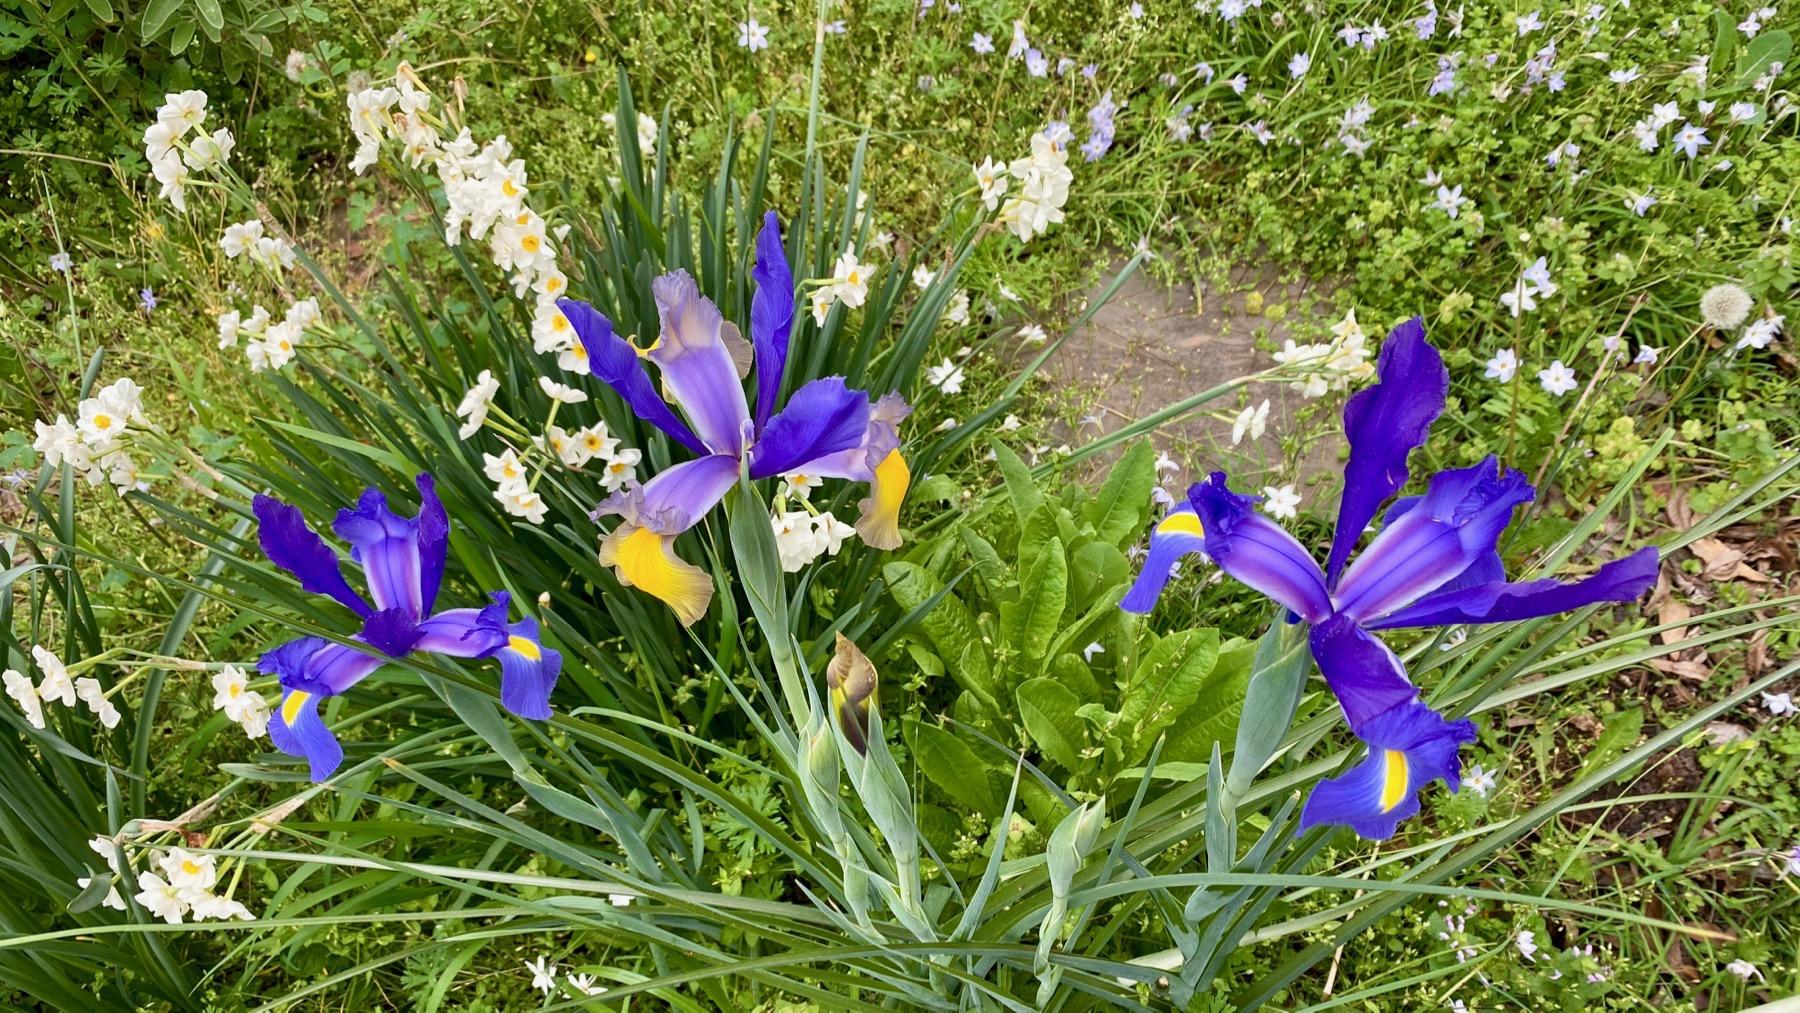 Spring meadow garden